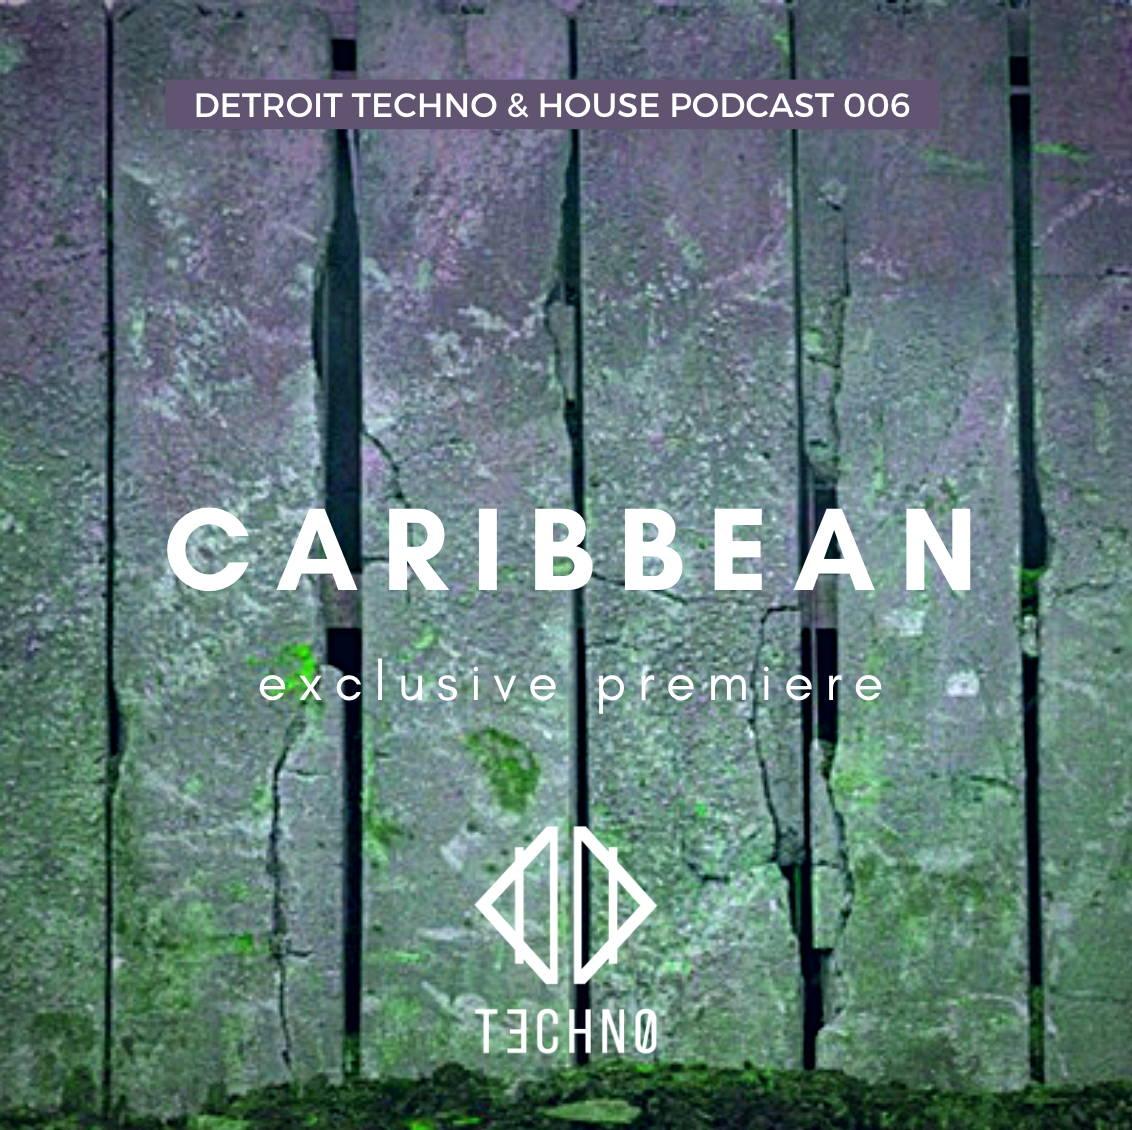 detroit techno & house podcast